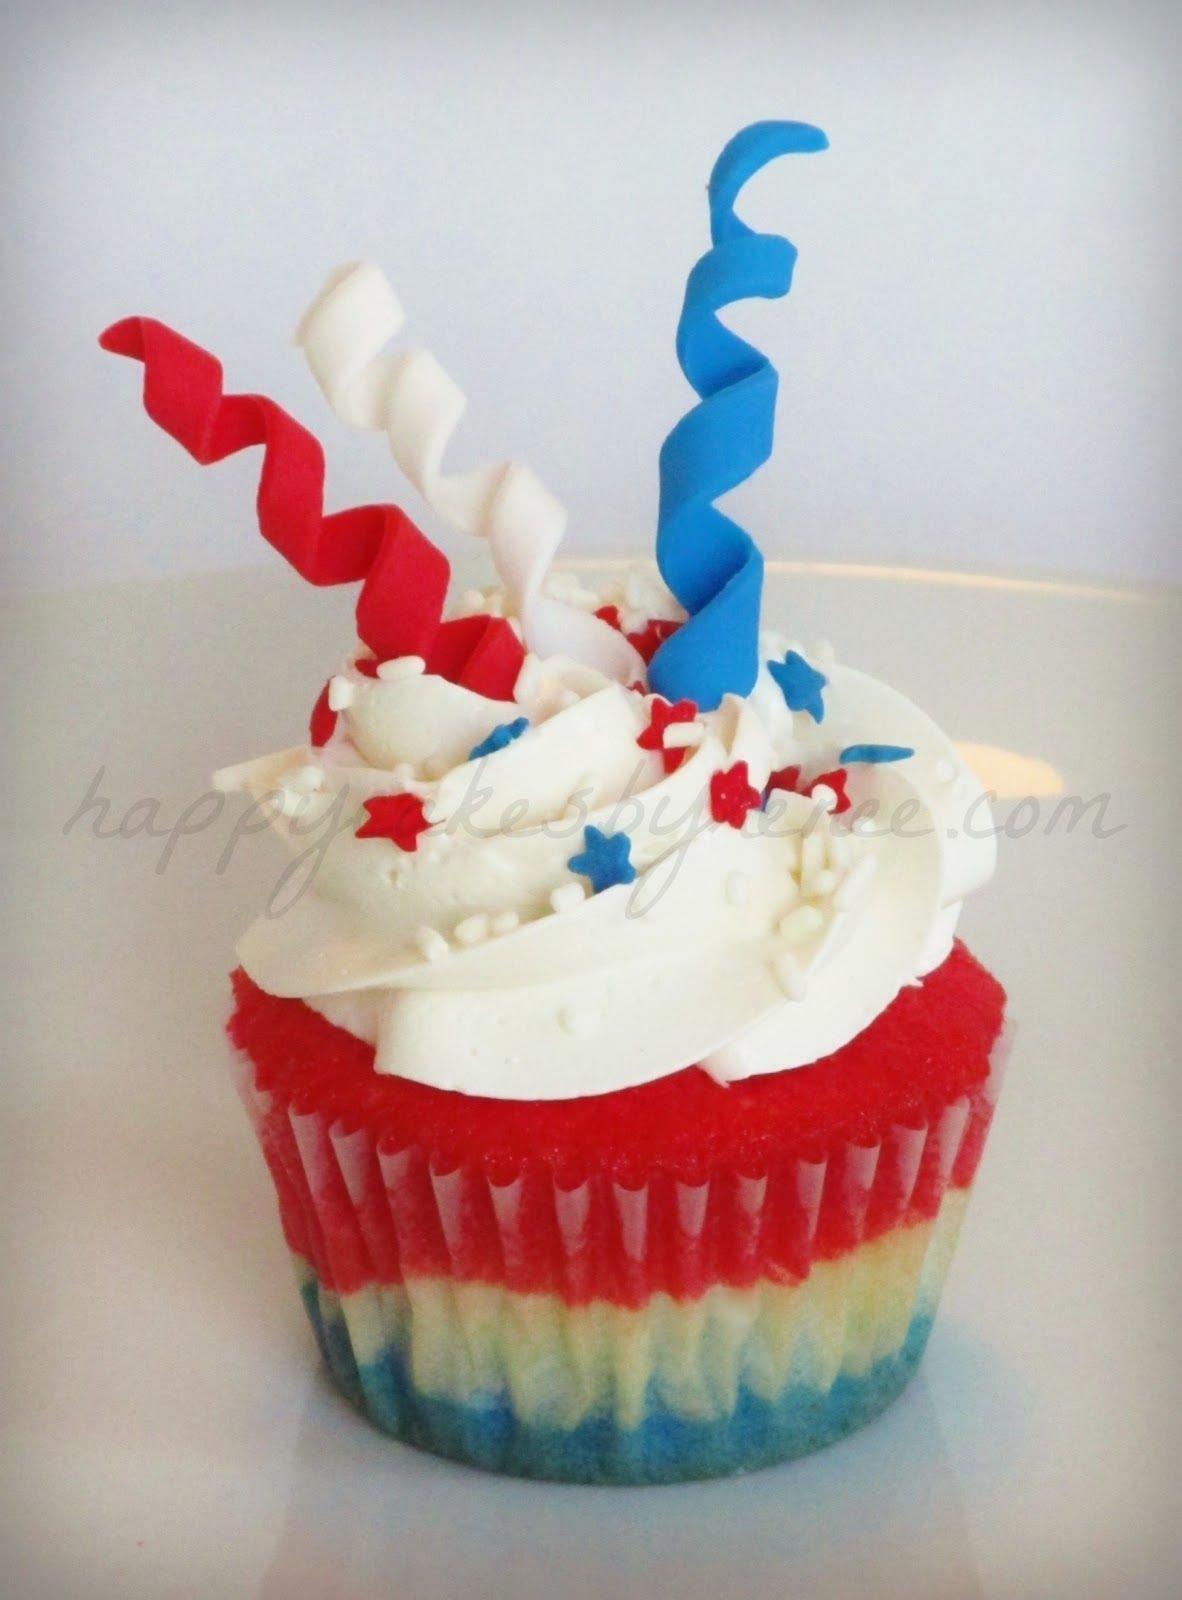 10 Elegant Fourth Of July Cupcake Ideas happy cakes bakes 4th of july firework cupcakes 4th of july 2020